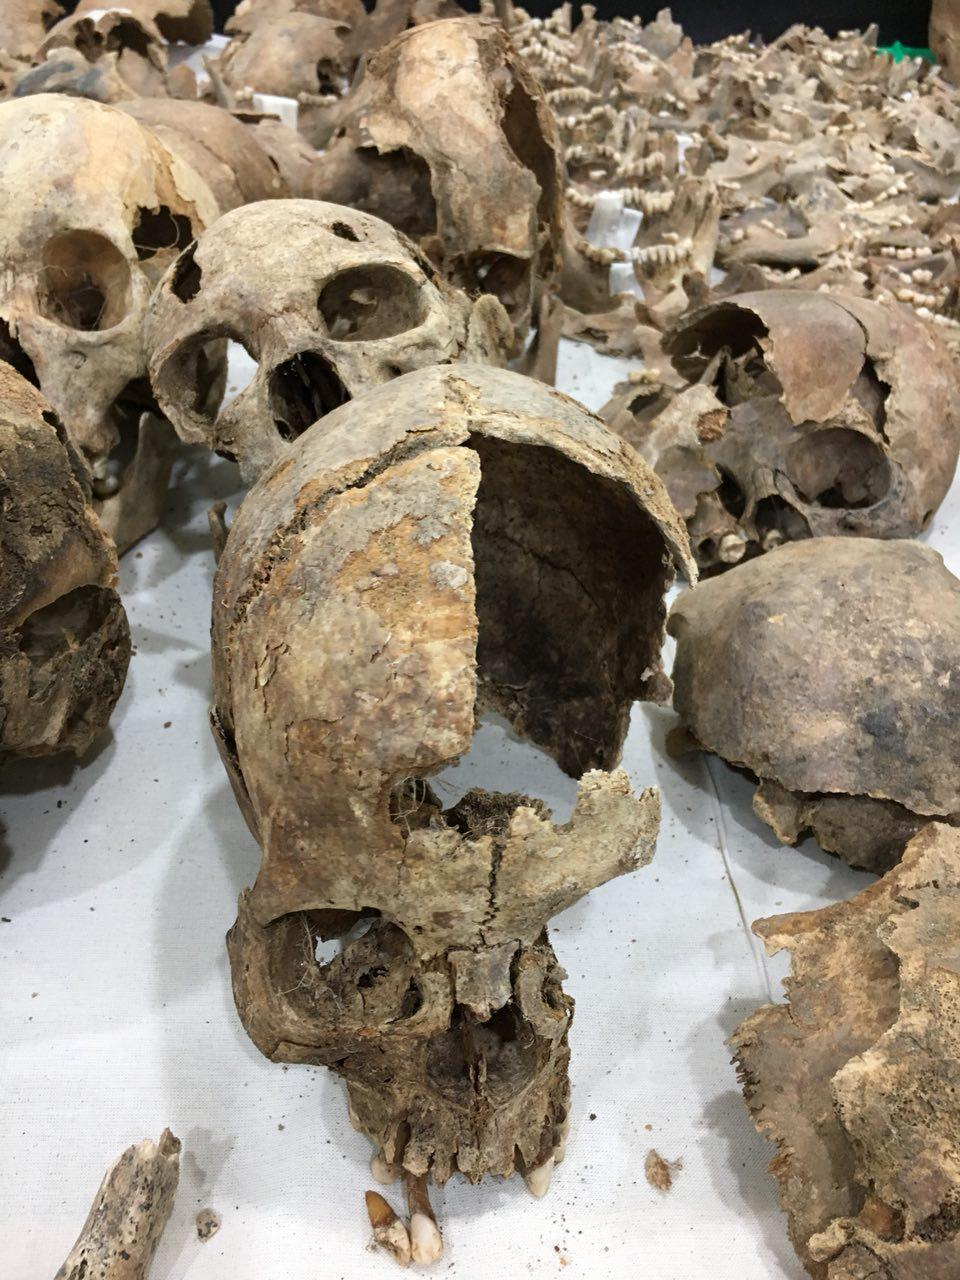 아산 배방에서 학살된 희생자 유해